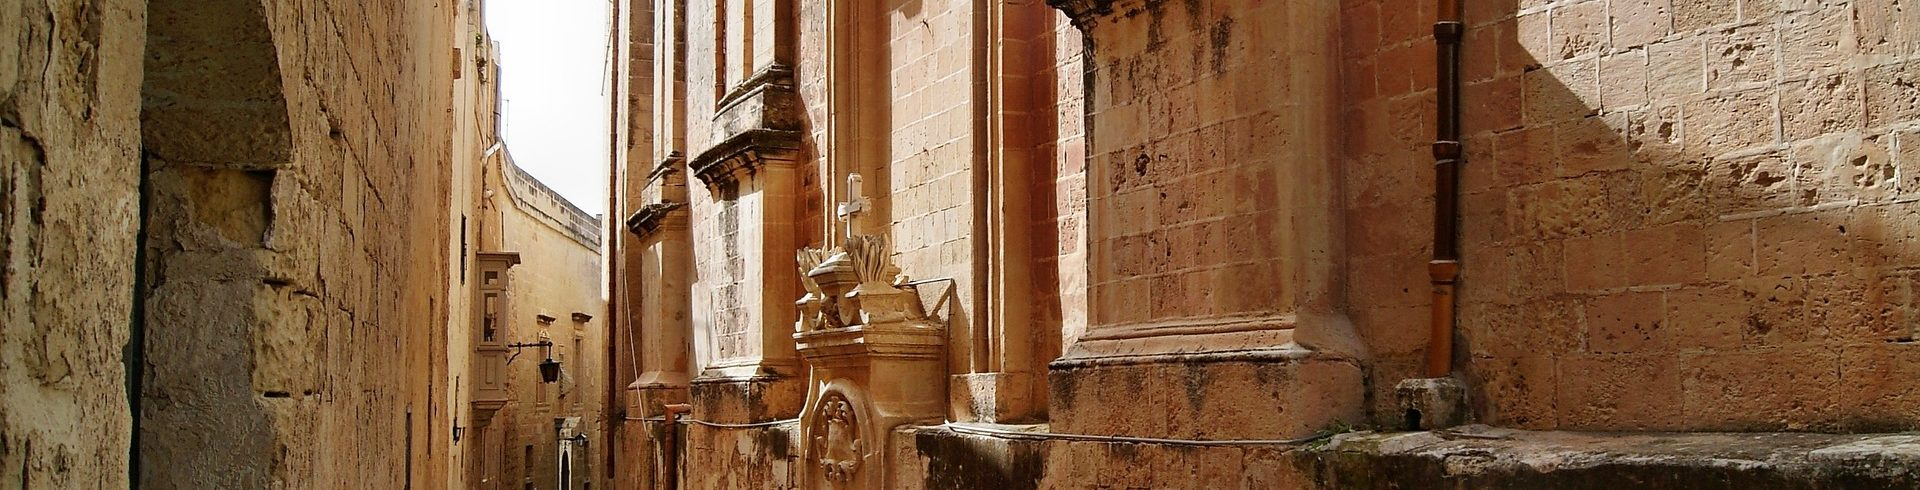 Kulinarische Highlights aus Malta